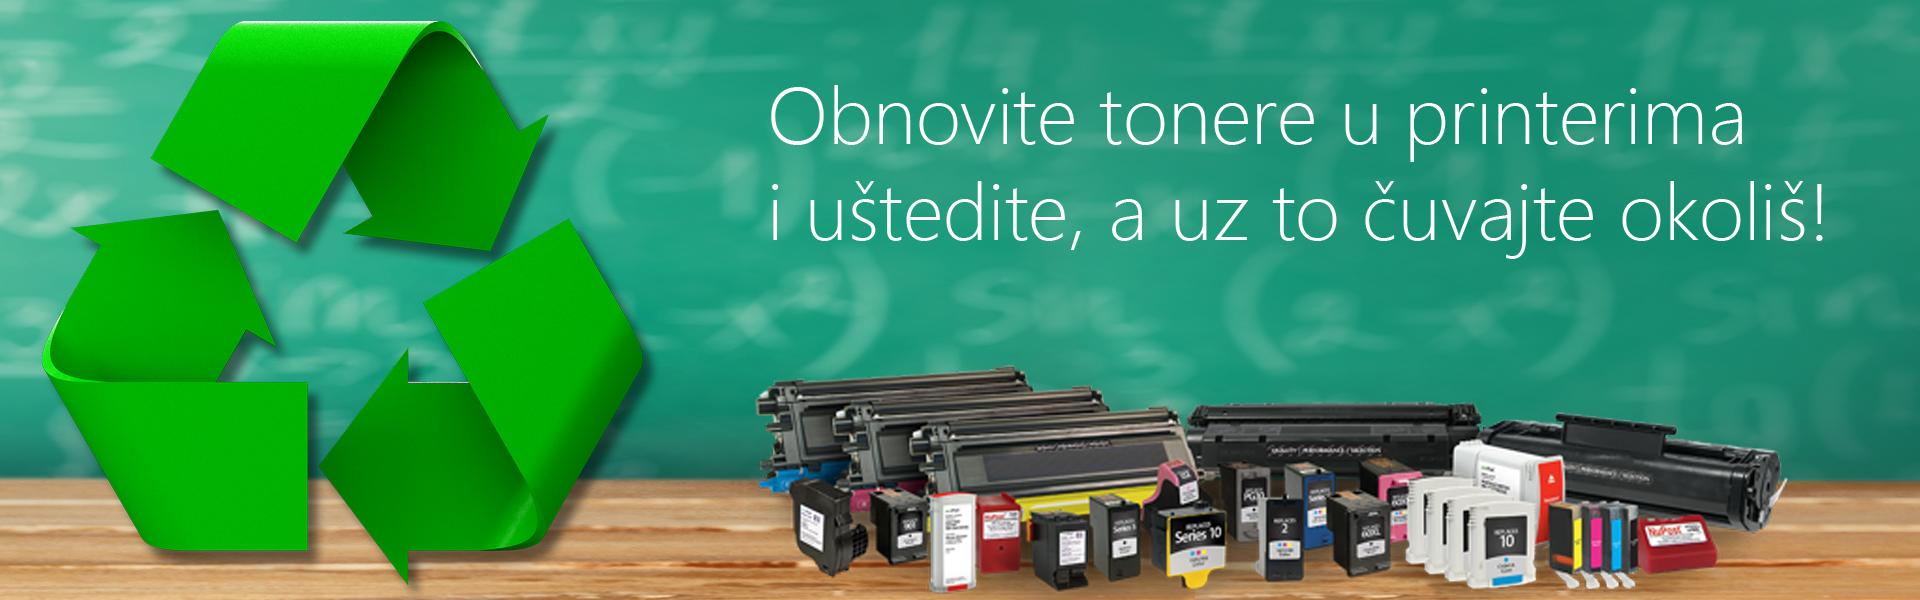 http://www.simunovic.hr/Repository/Baneri/obnovite-tonere-banner-092016.jpg